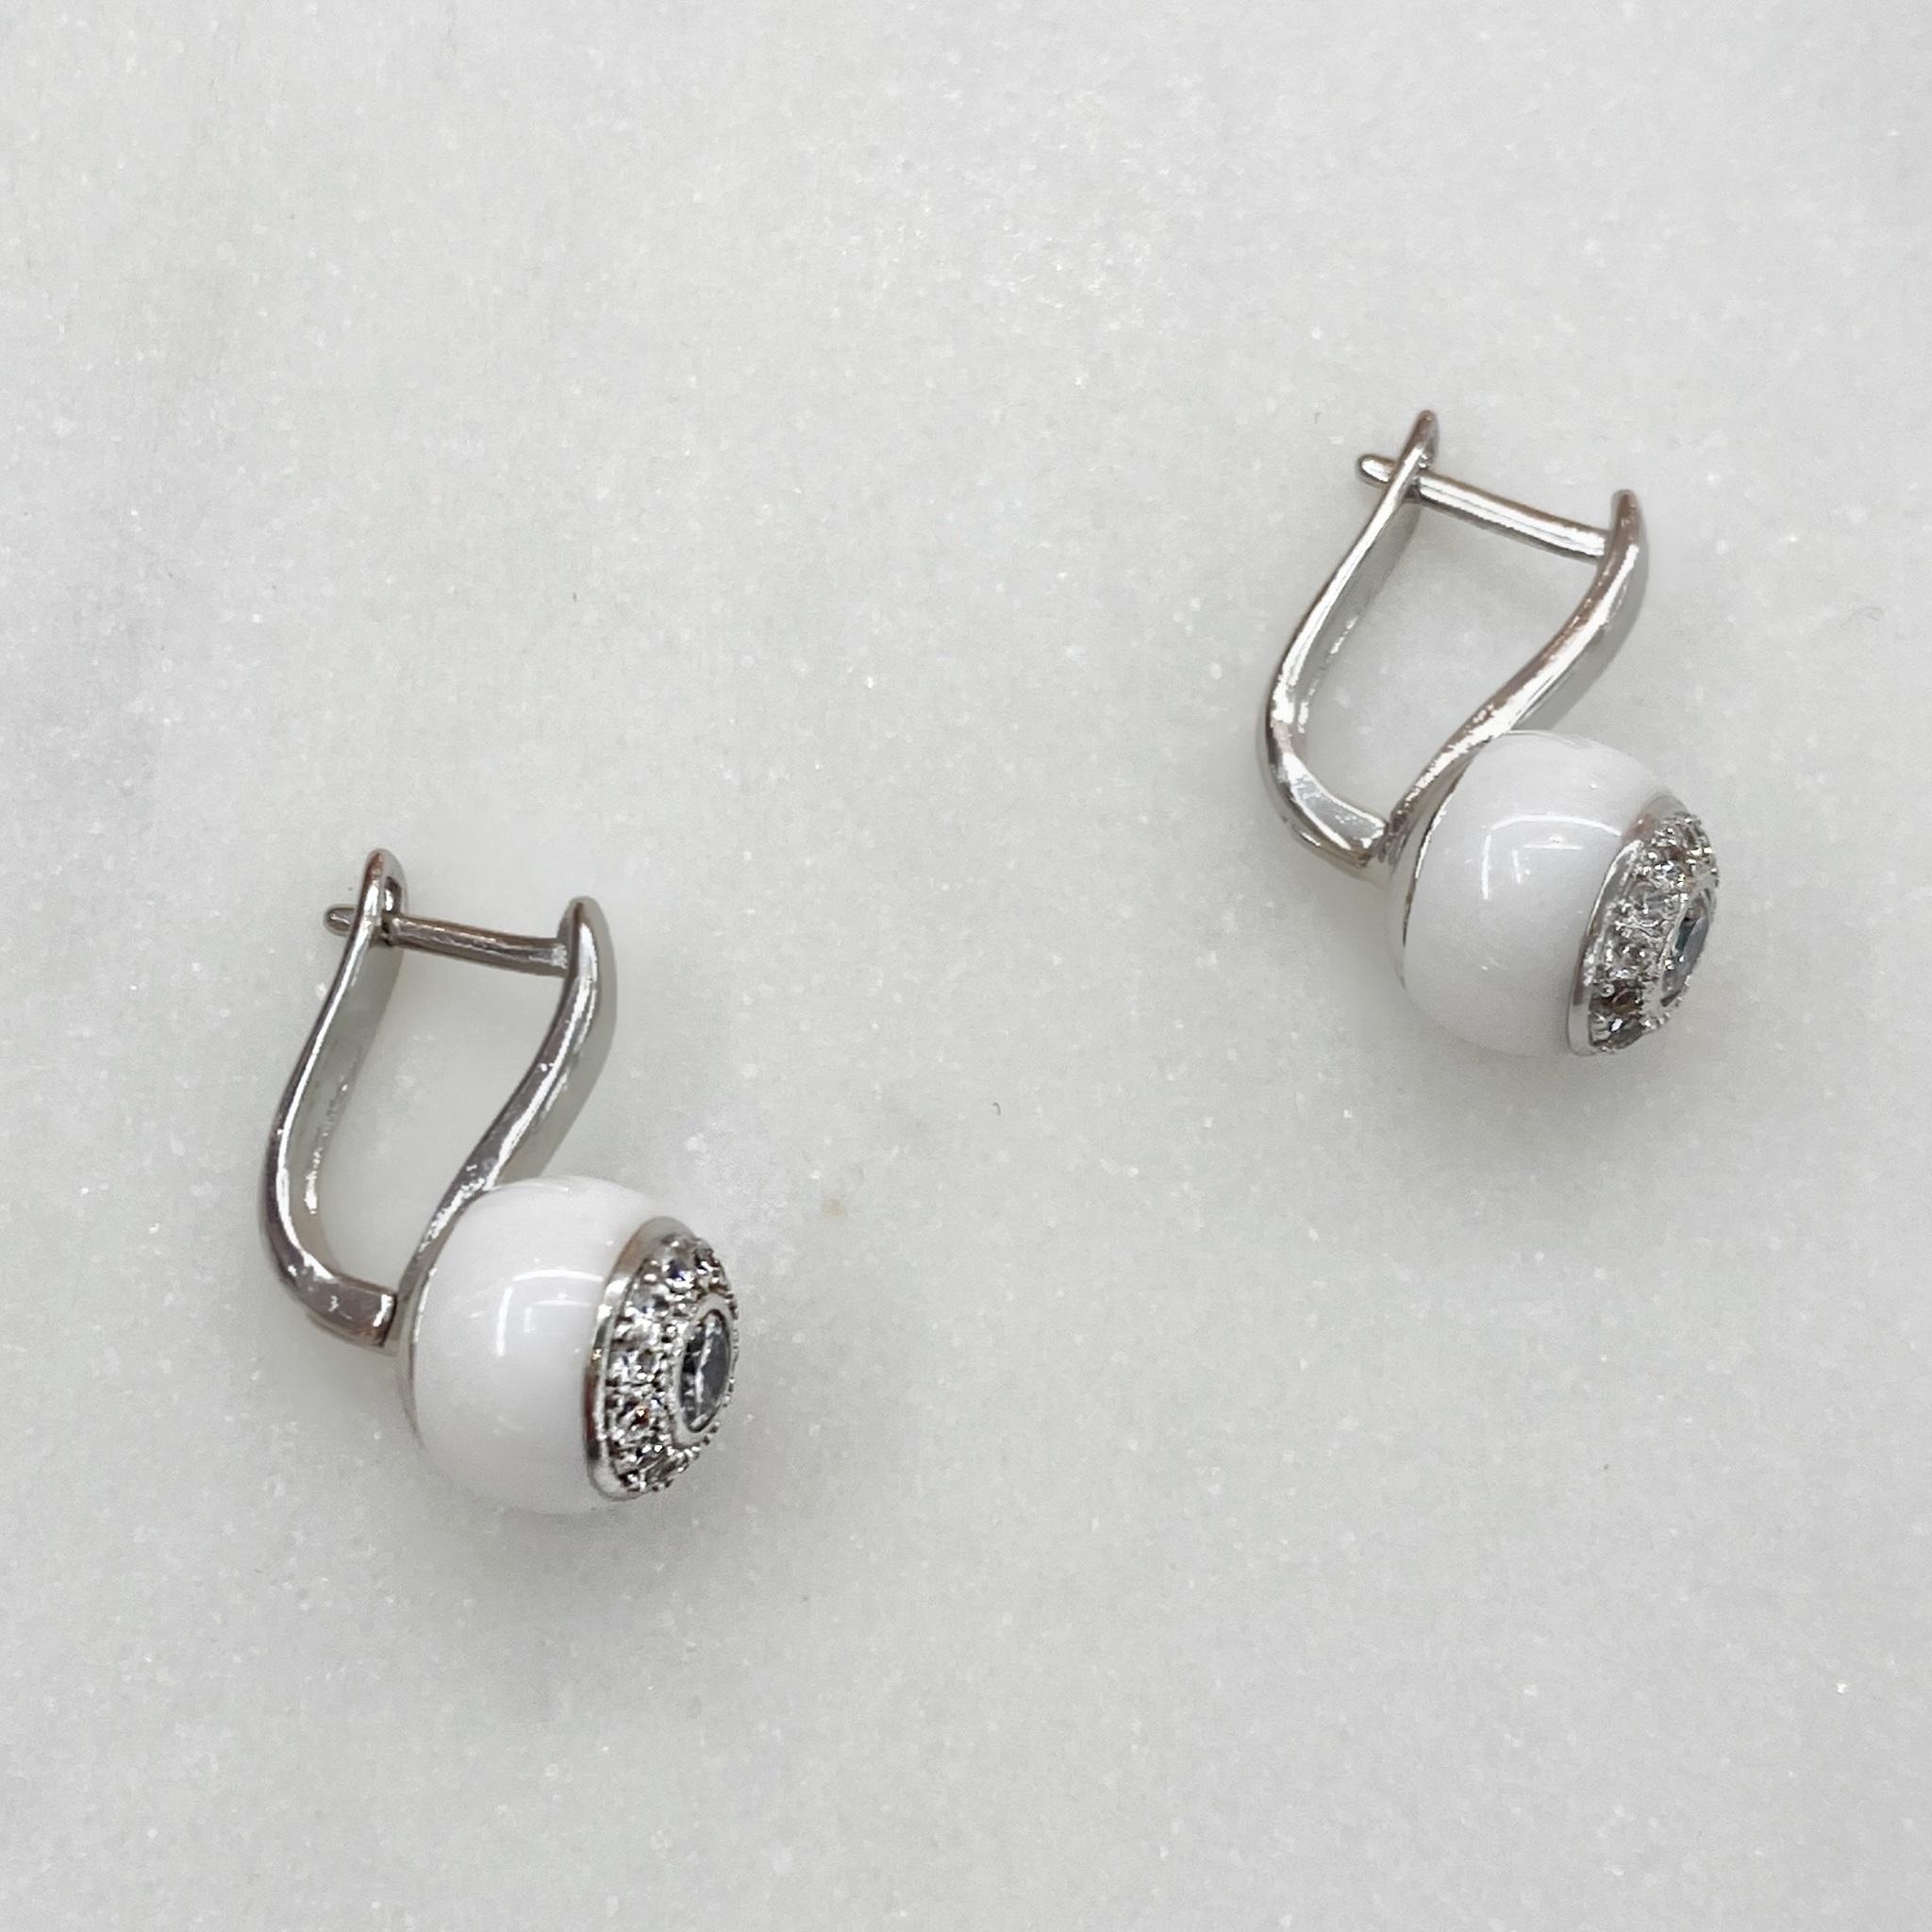 Серьги Керамика с вставкой-розеткой англ.замок белый (цирконы, сталь)